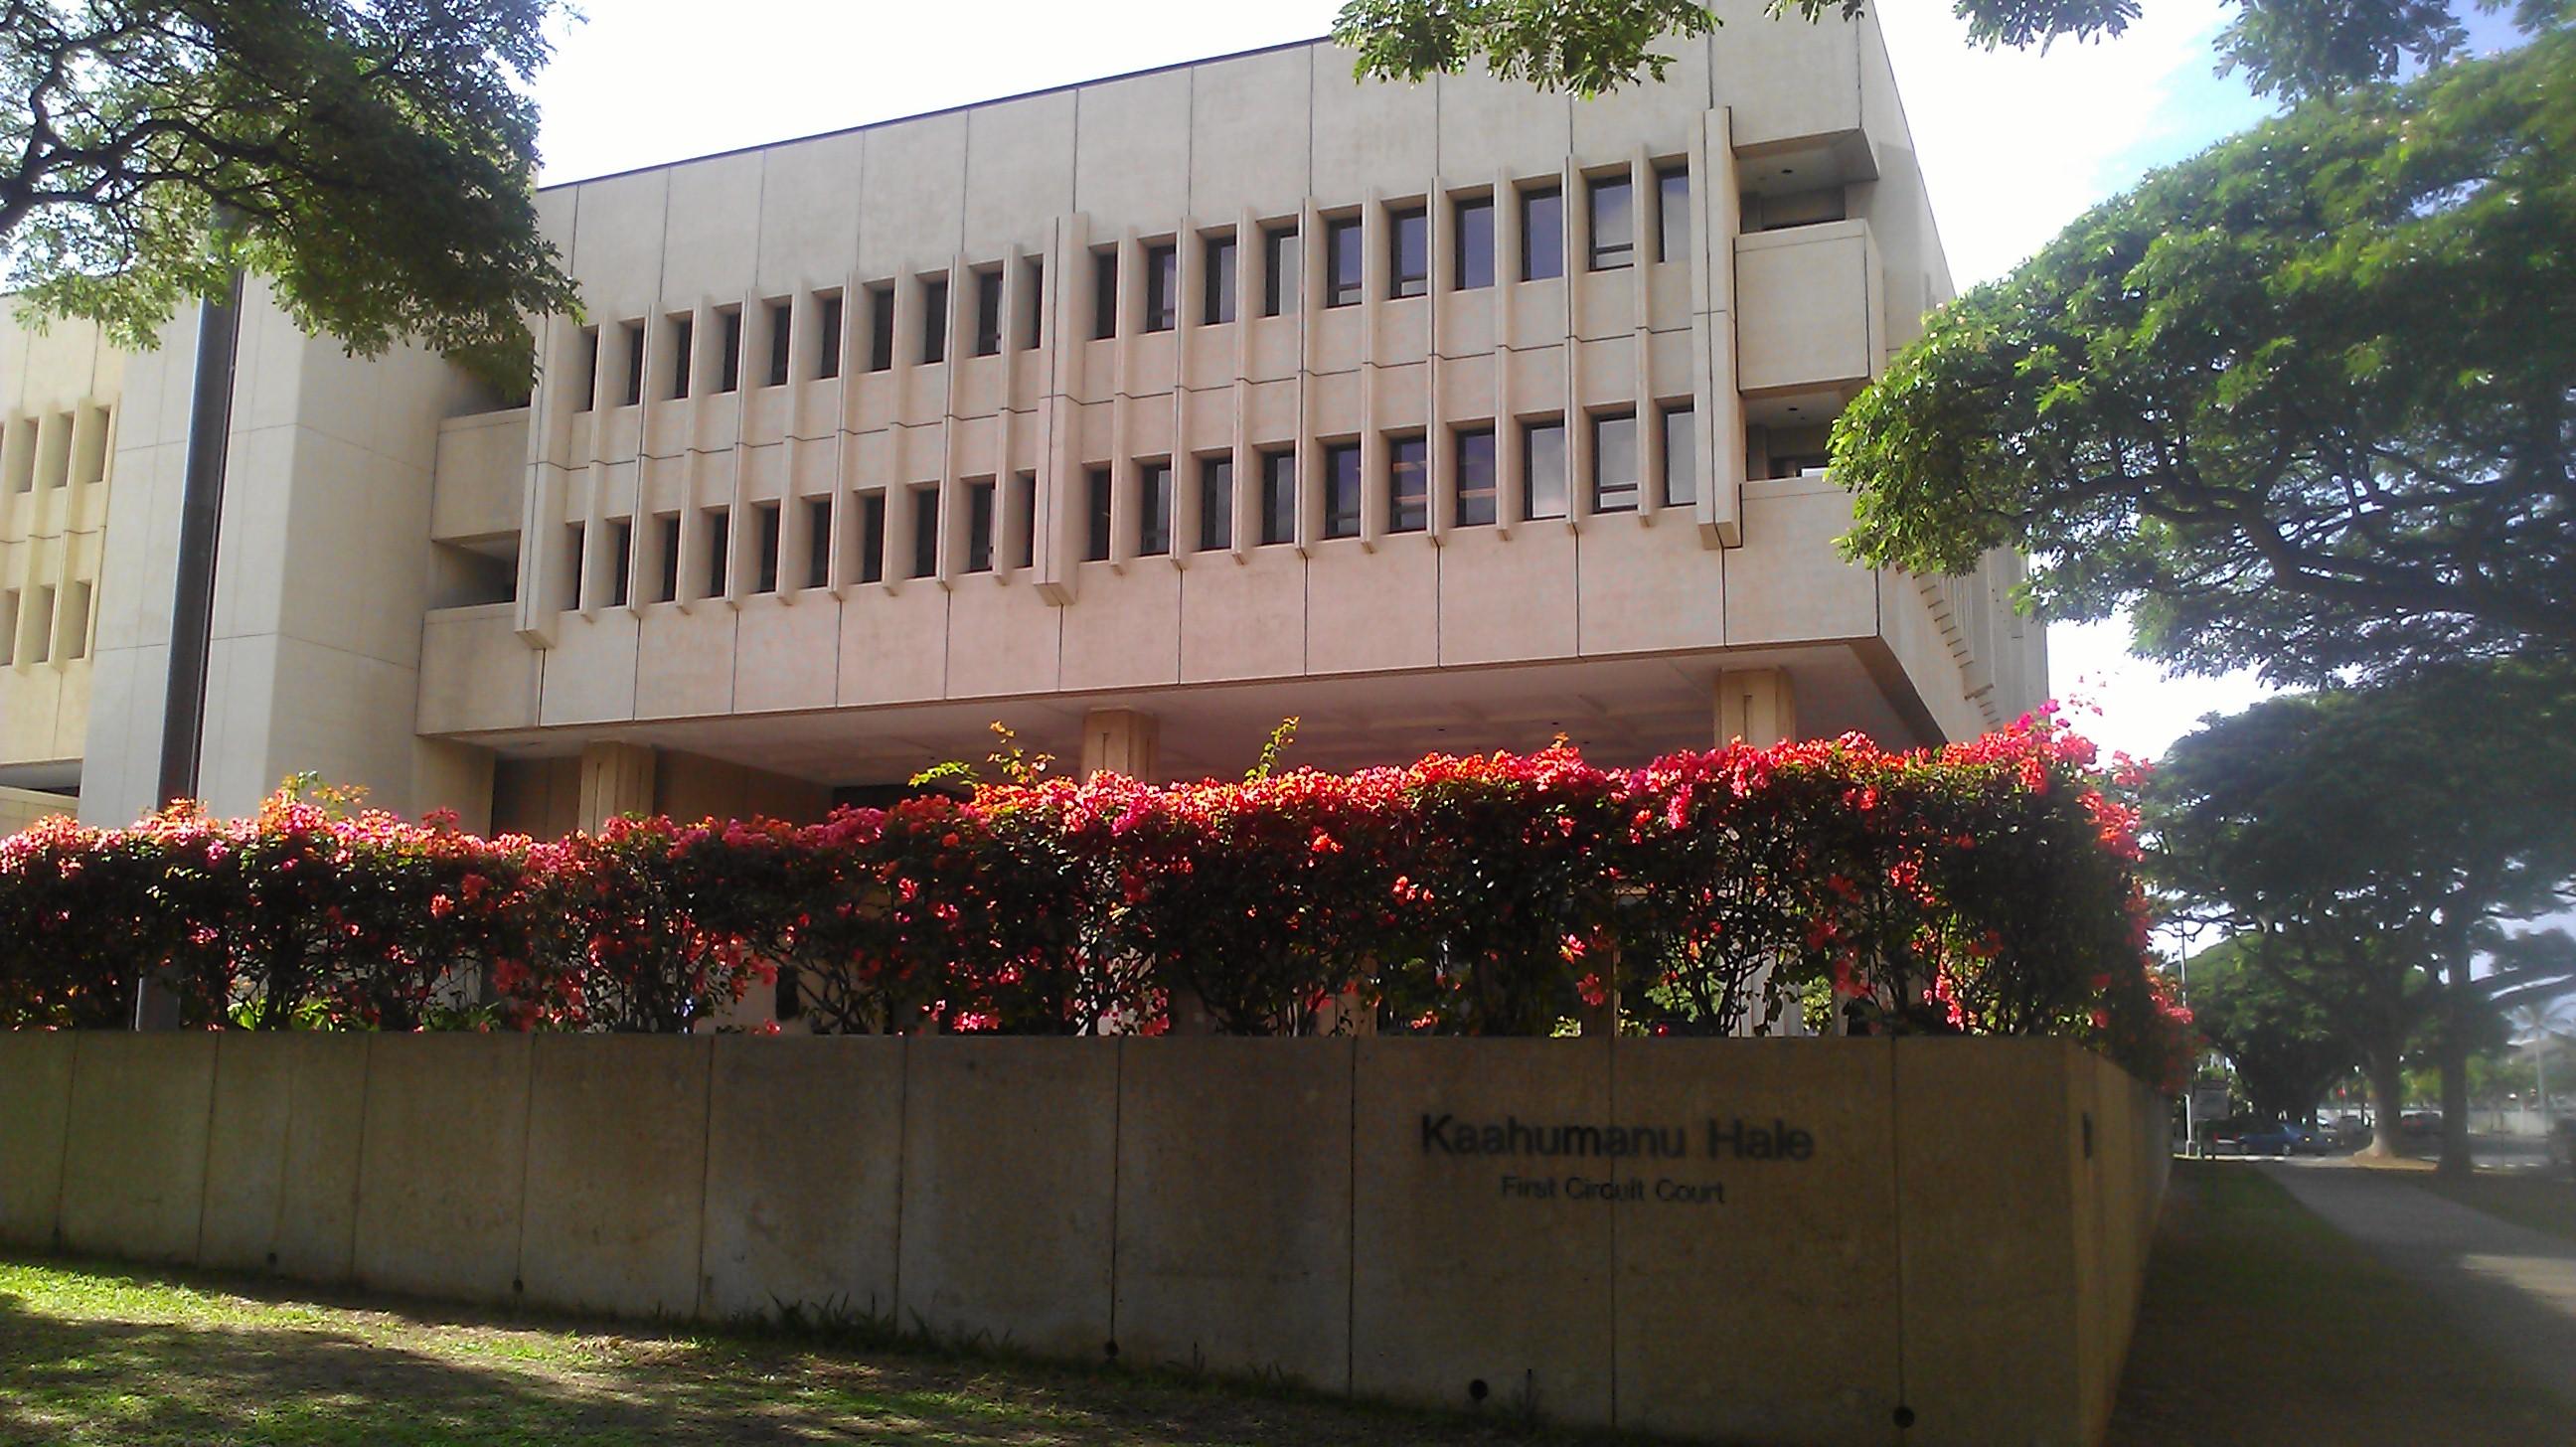 Photograph of Kaʻahumanu Hale exterior